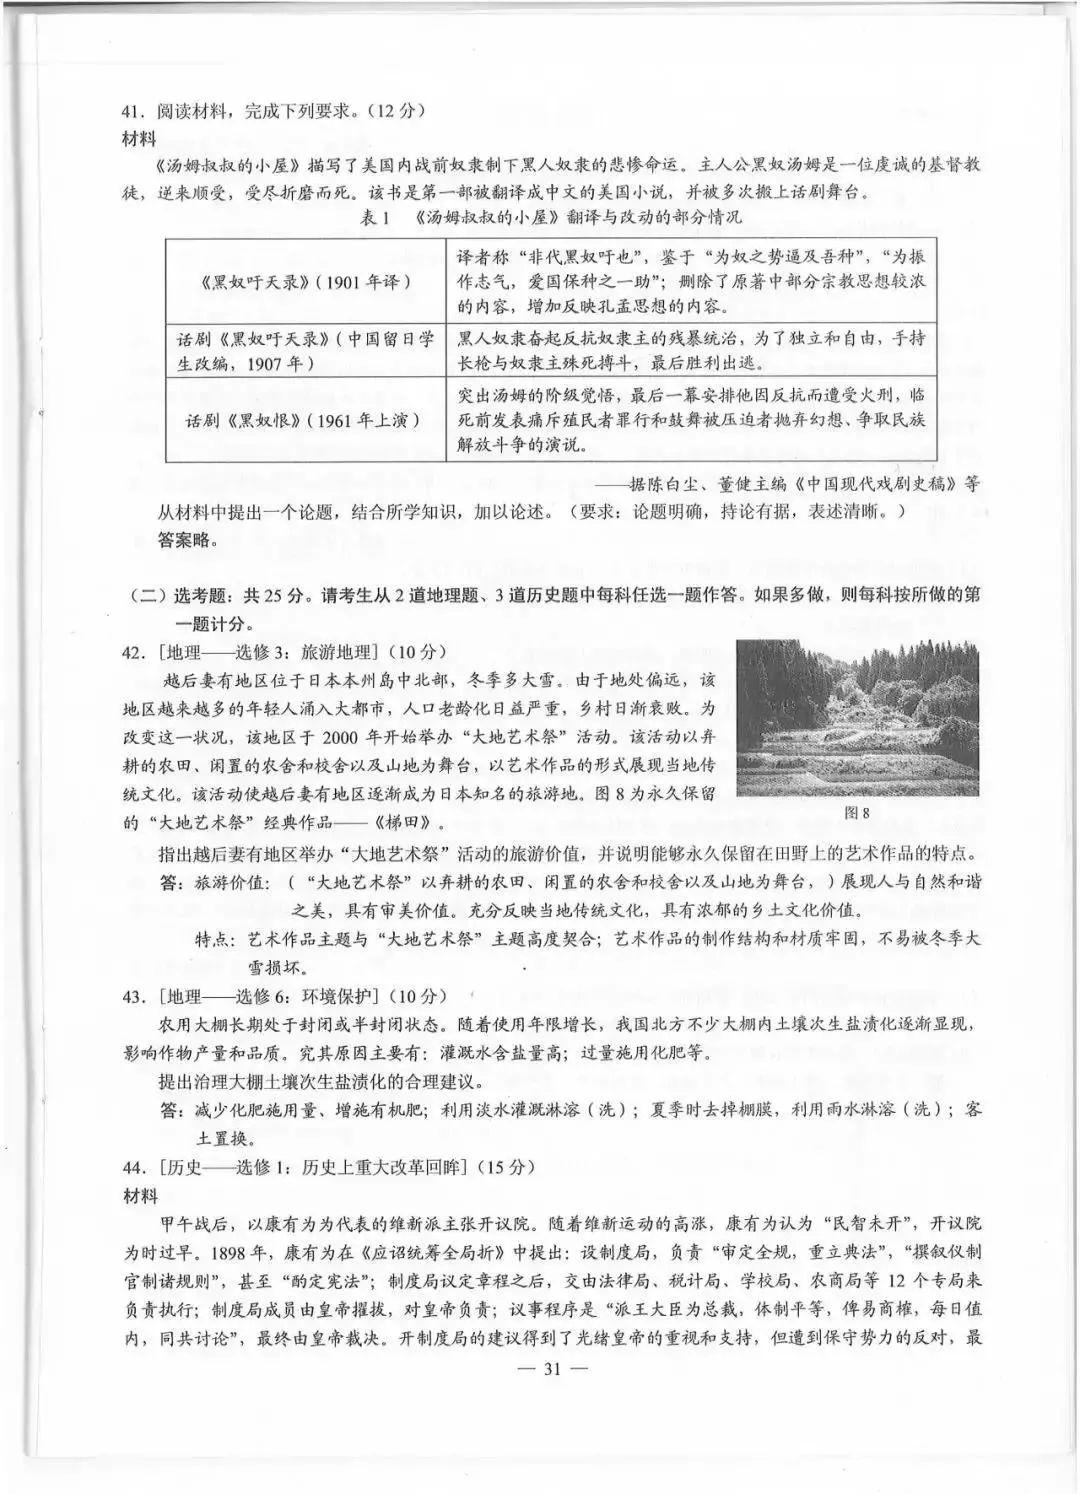 2019四川高考对答案了 语文 数学 英语 文综和理综试题及答案出炉